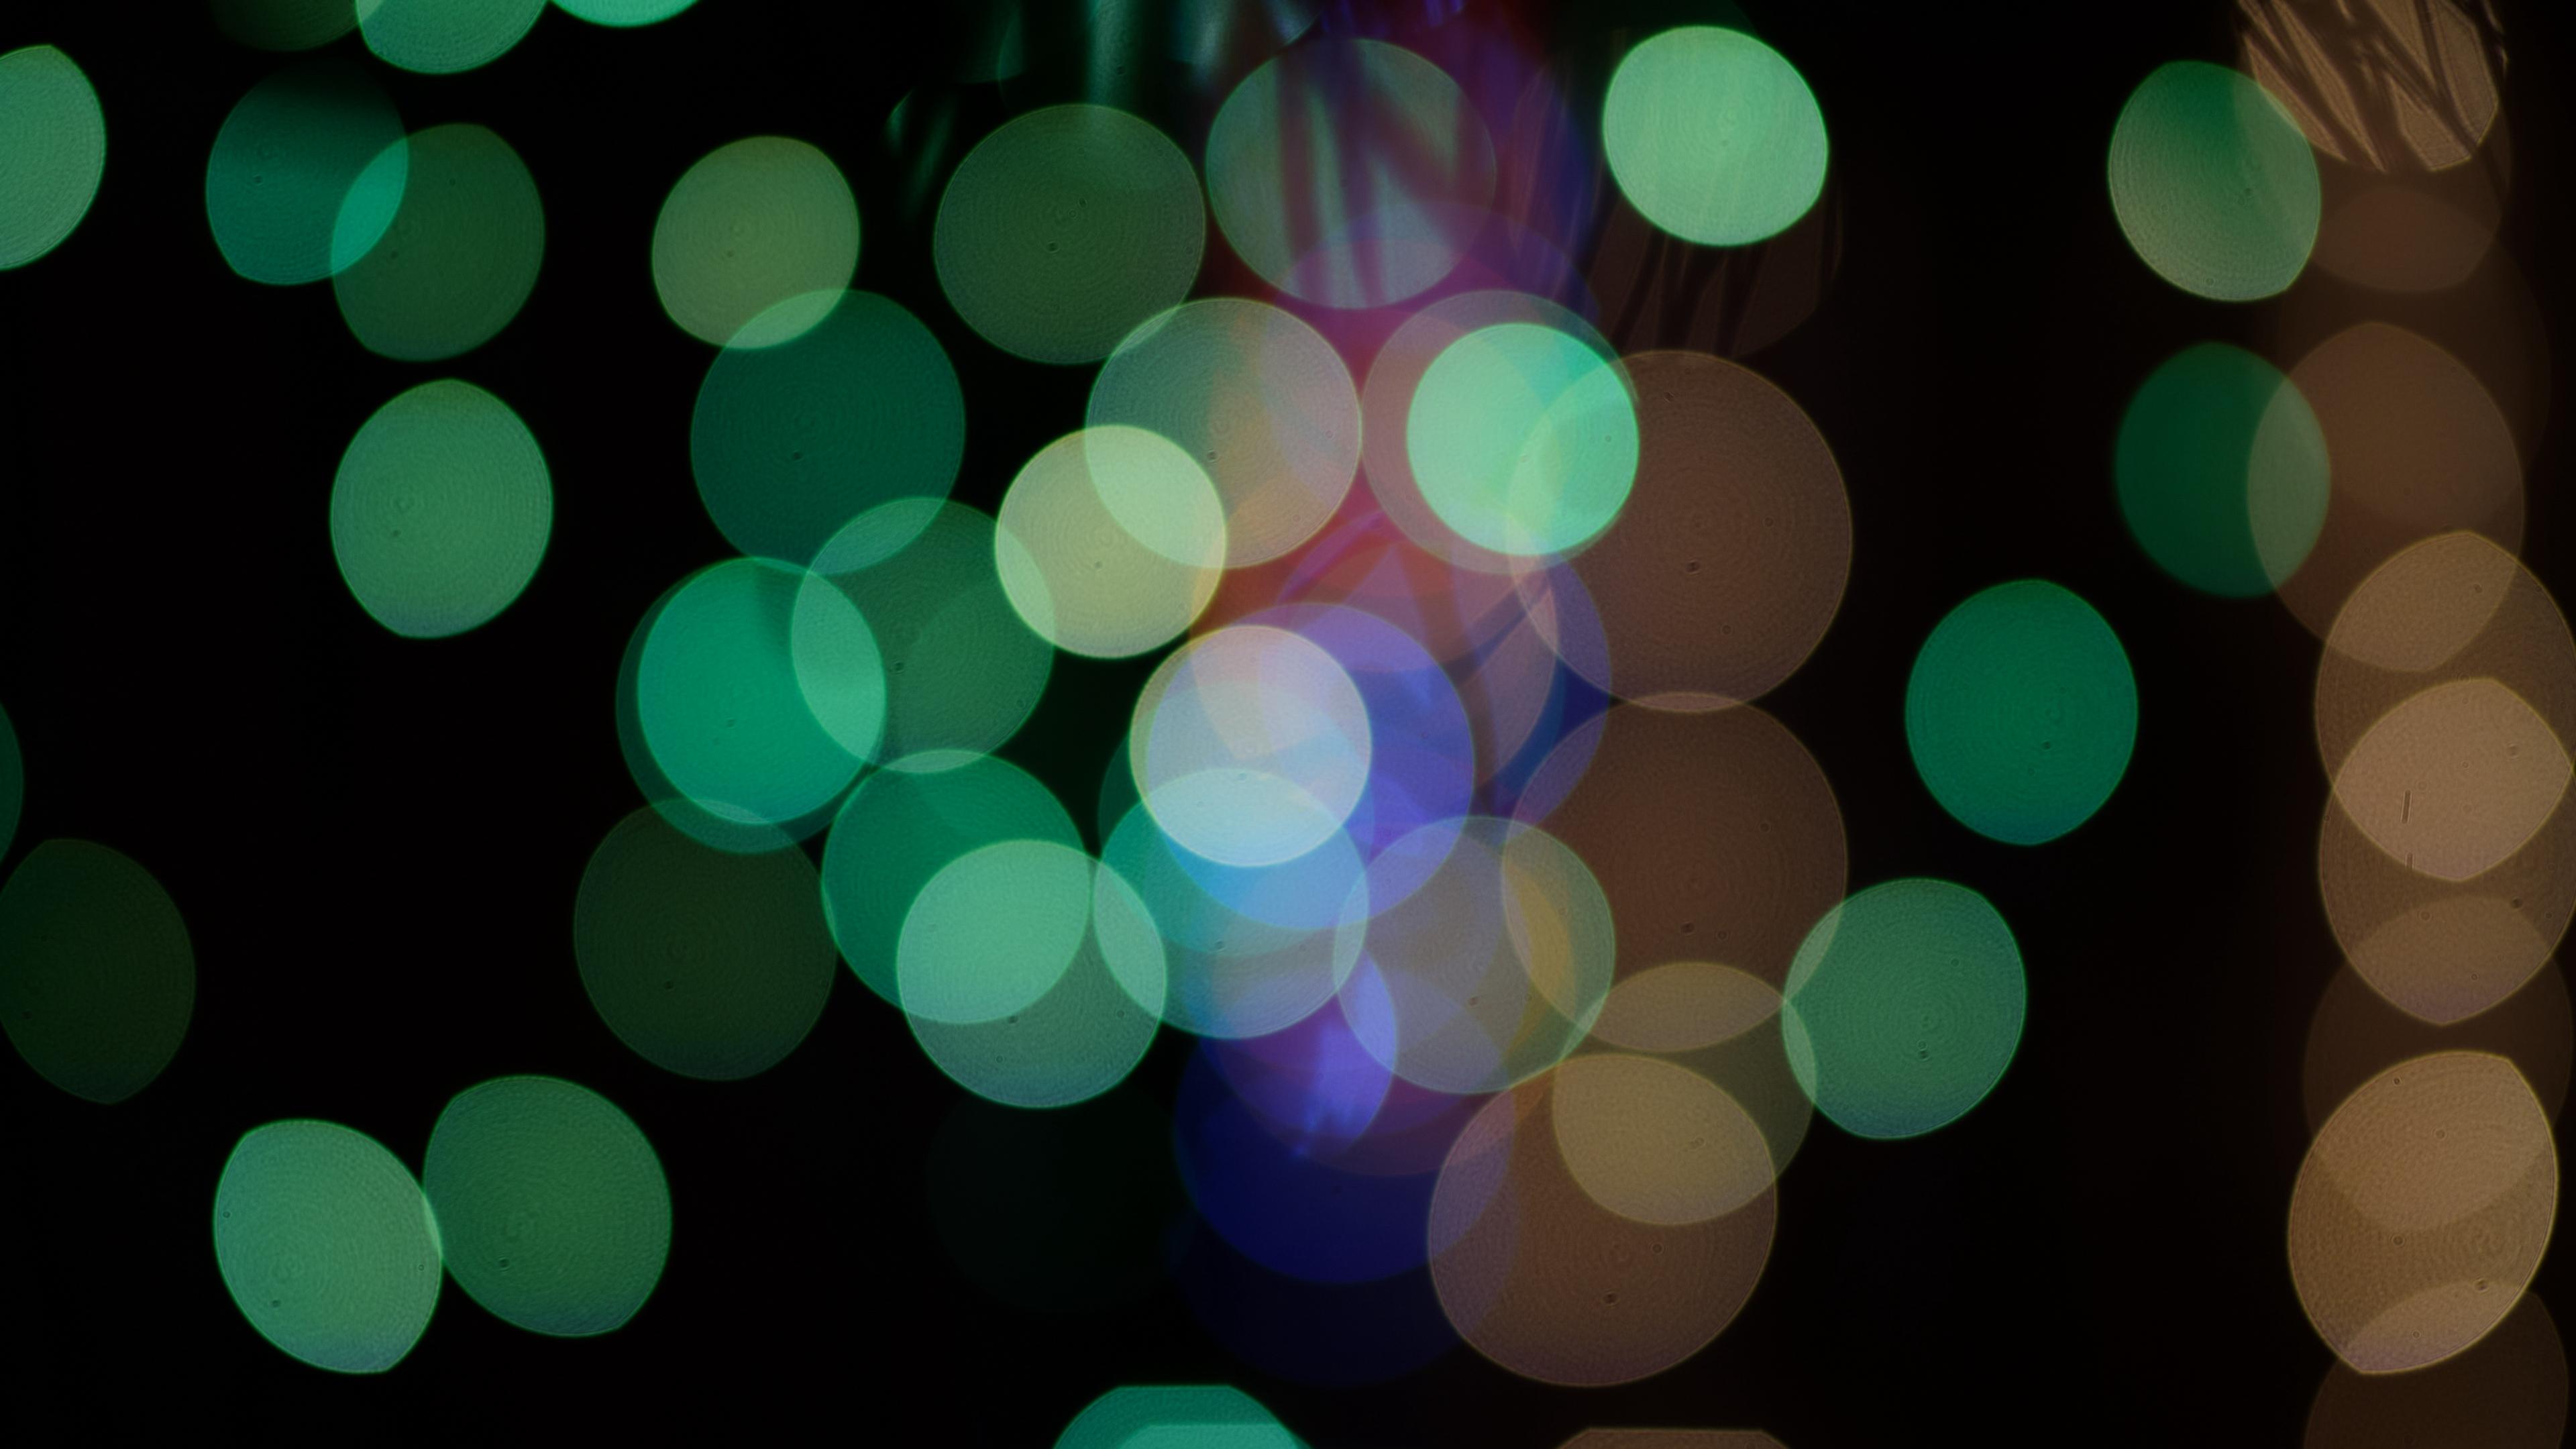 circles glare abstract green 4k 1539369988 - circles, glare, abstract, green 4k - glare, Circles, abstract